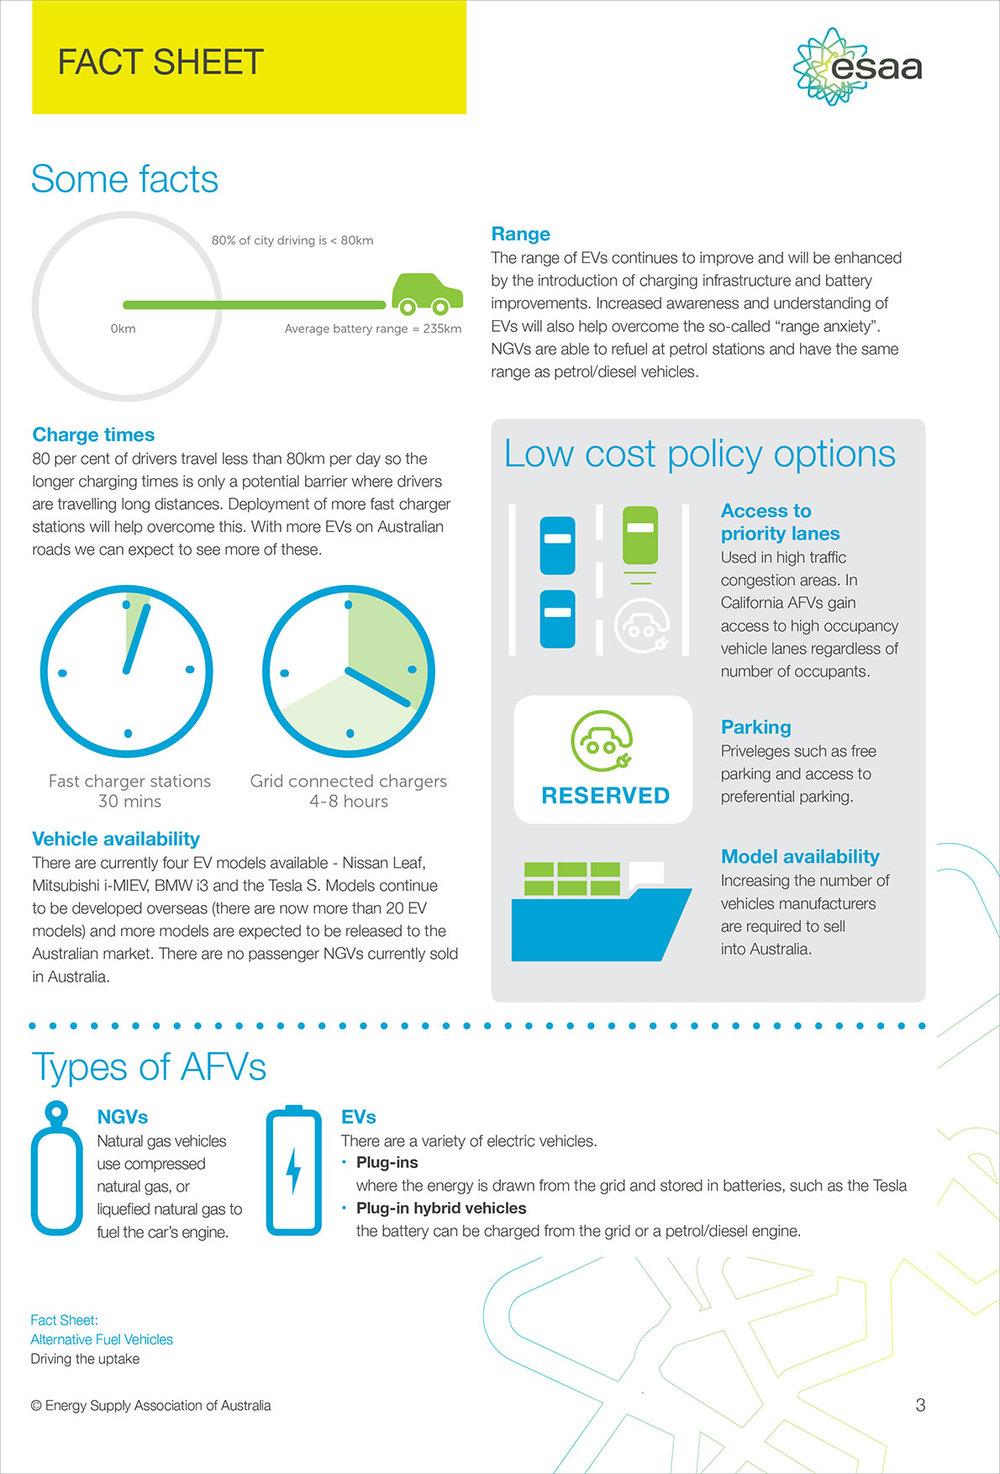 ESAA-infographic-factsheet.jpg